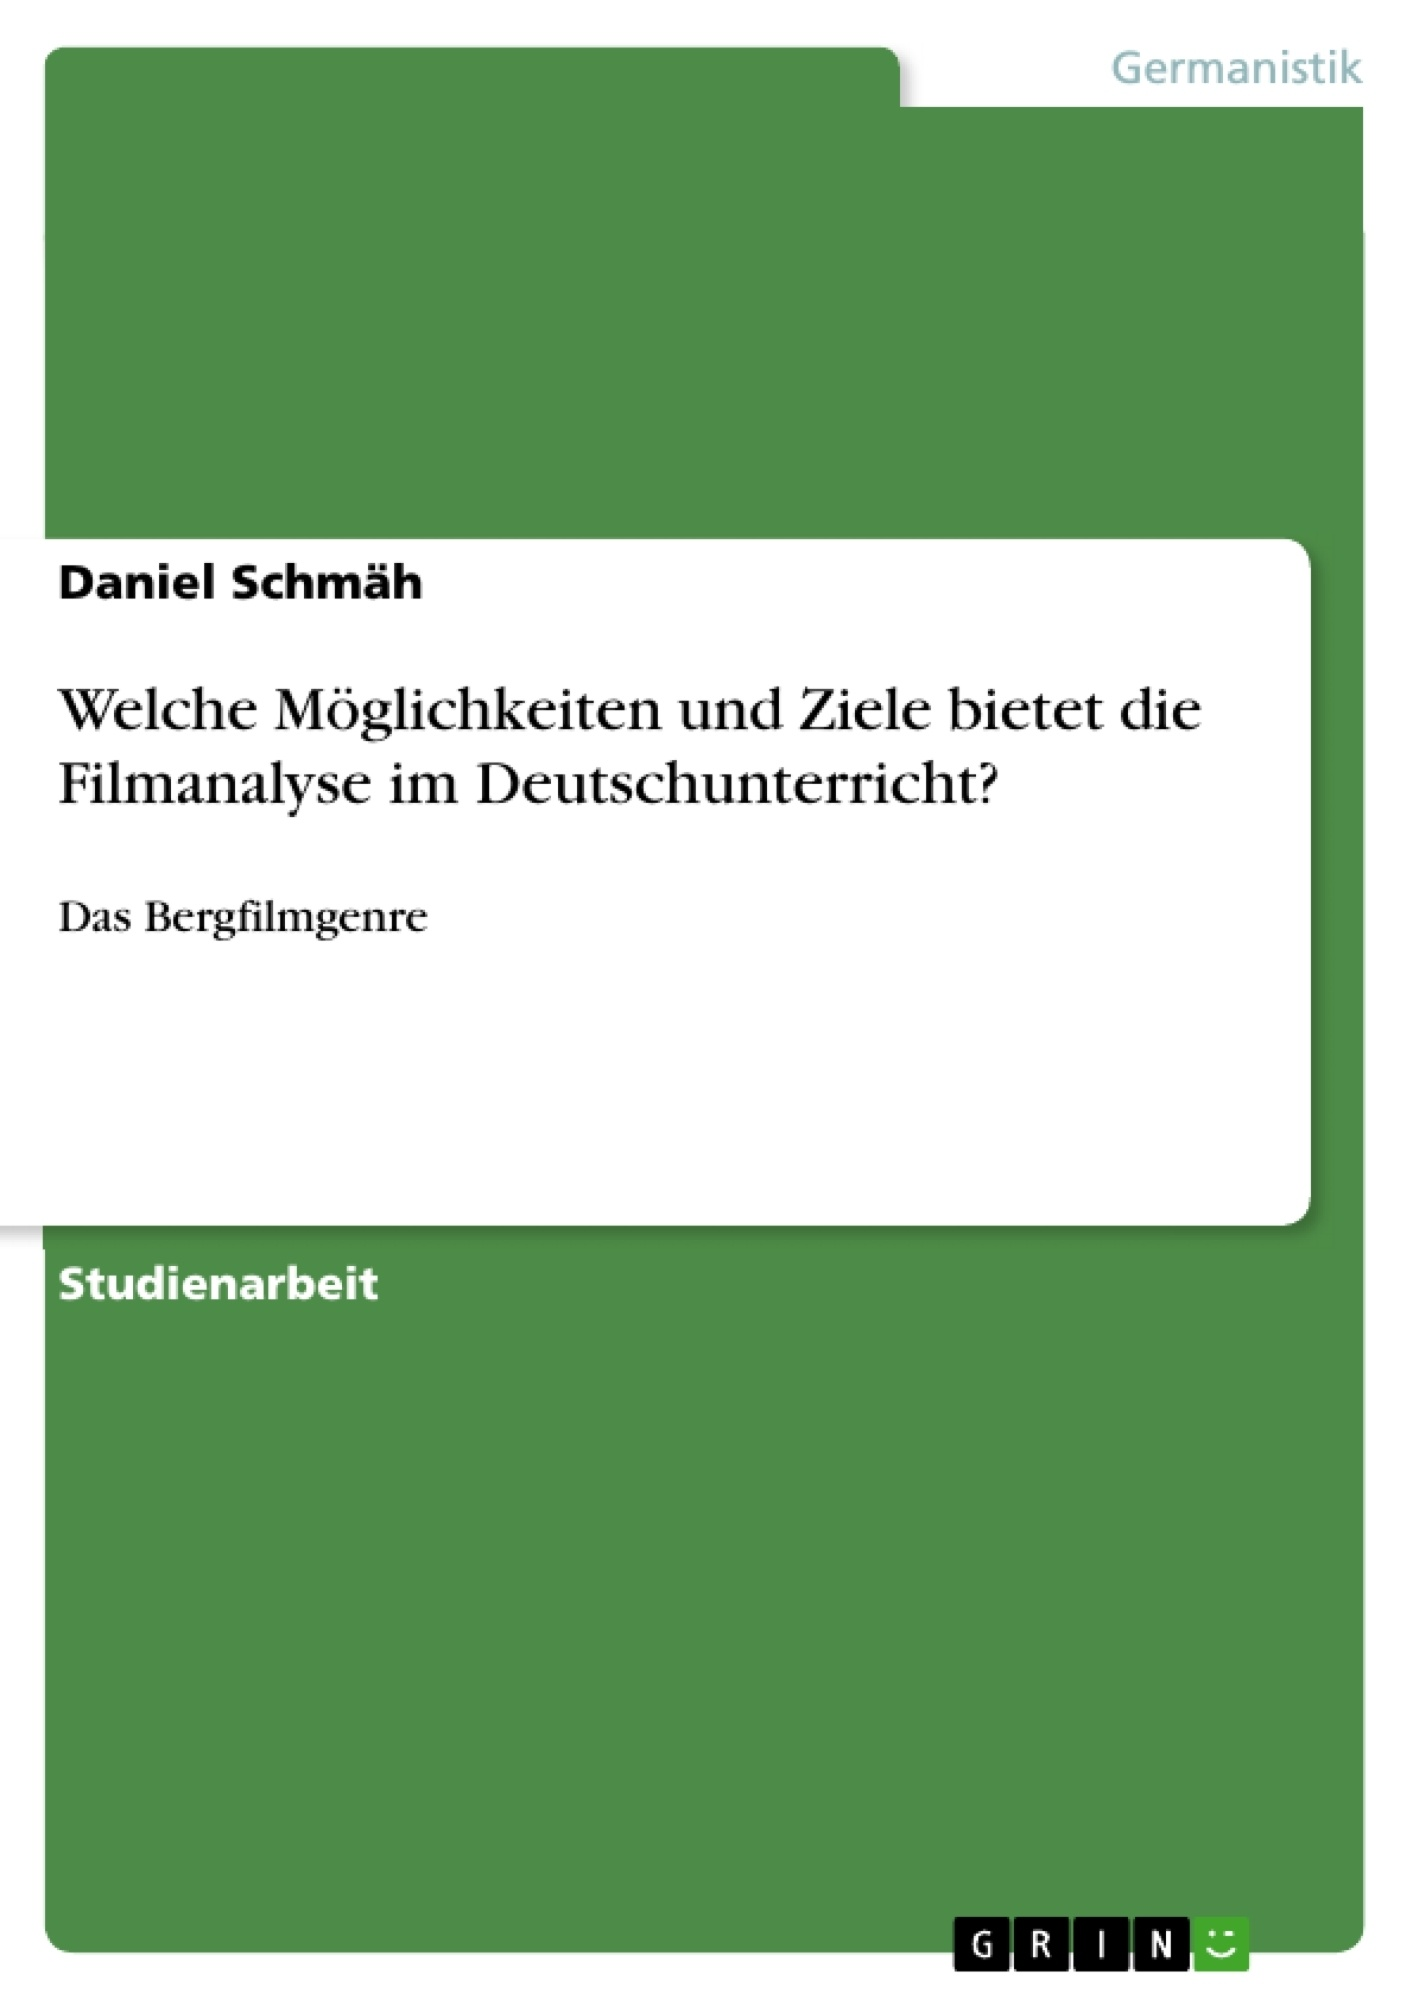 Titel: Welche Möglichkeiten und Ziele bietet die Filmanalyse im Deutschunterricht?